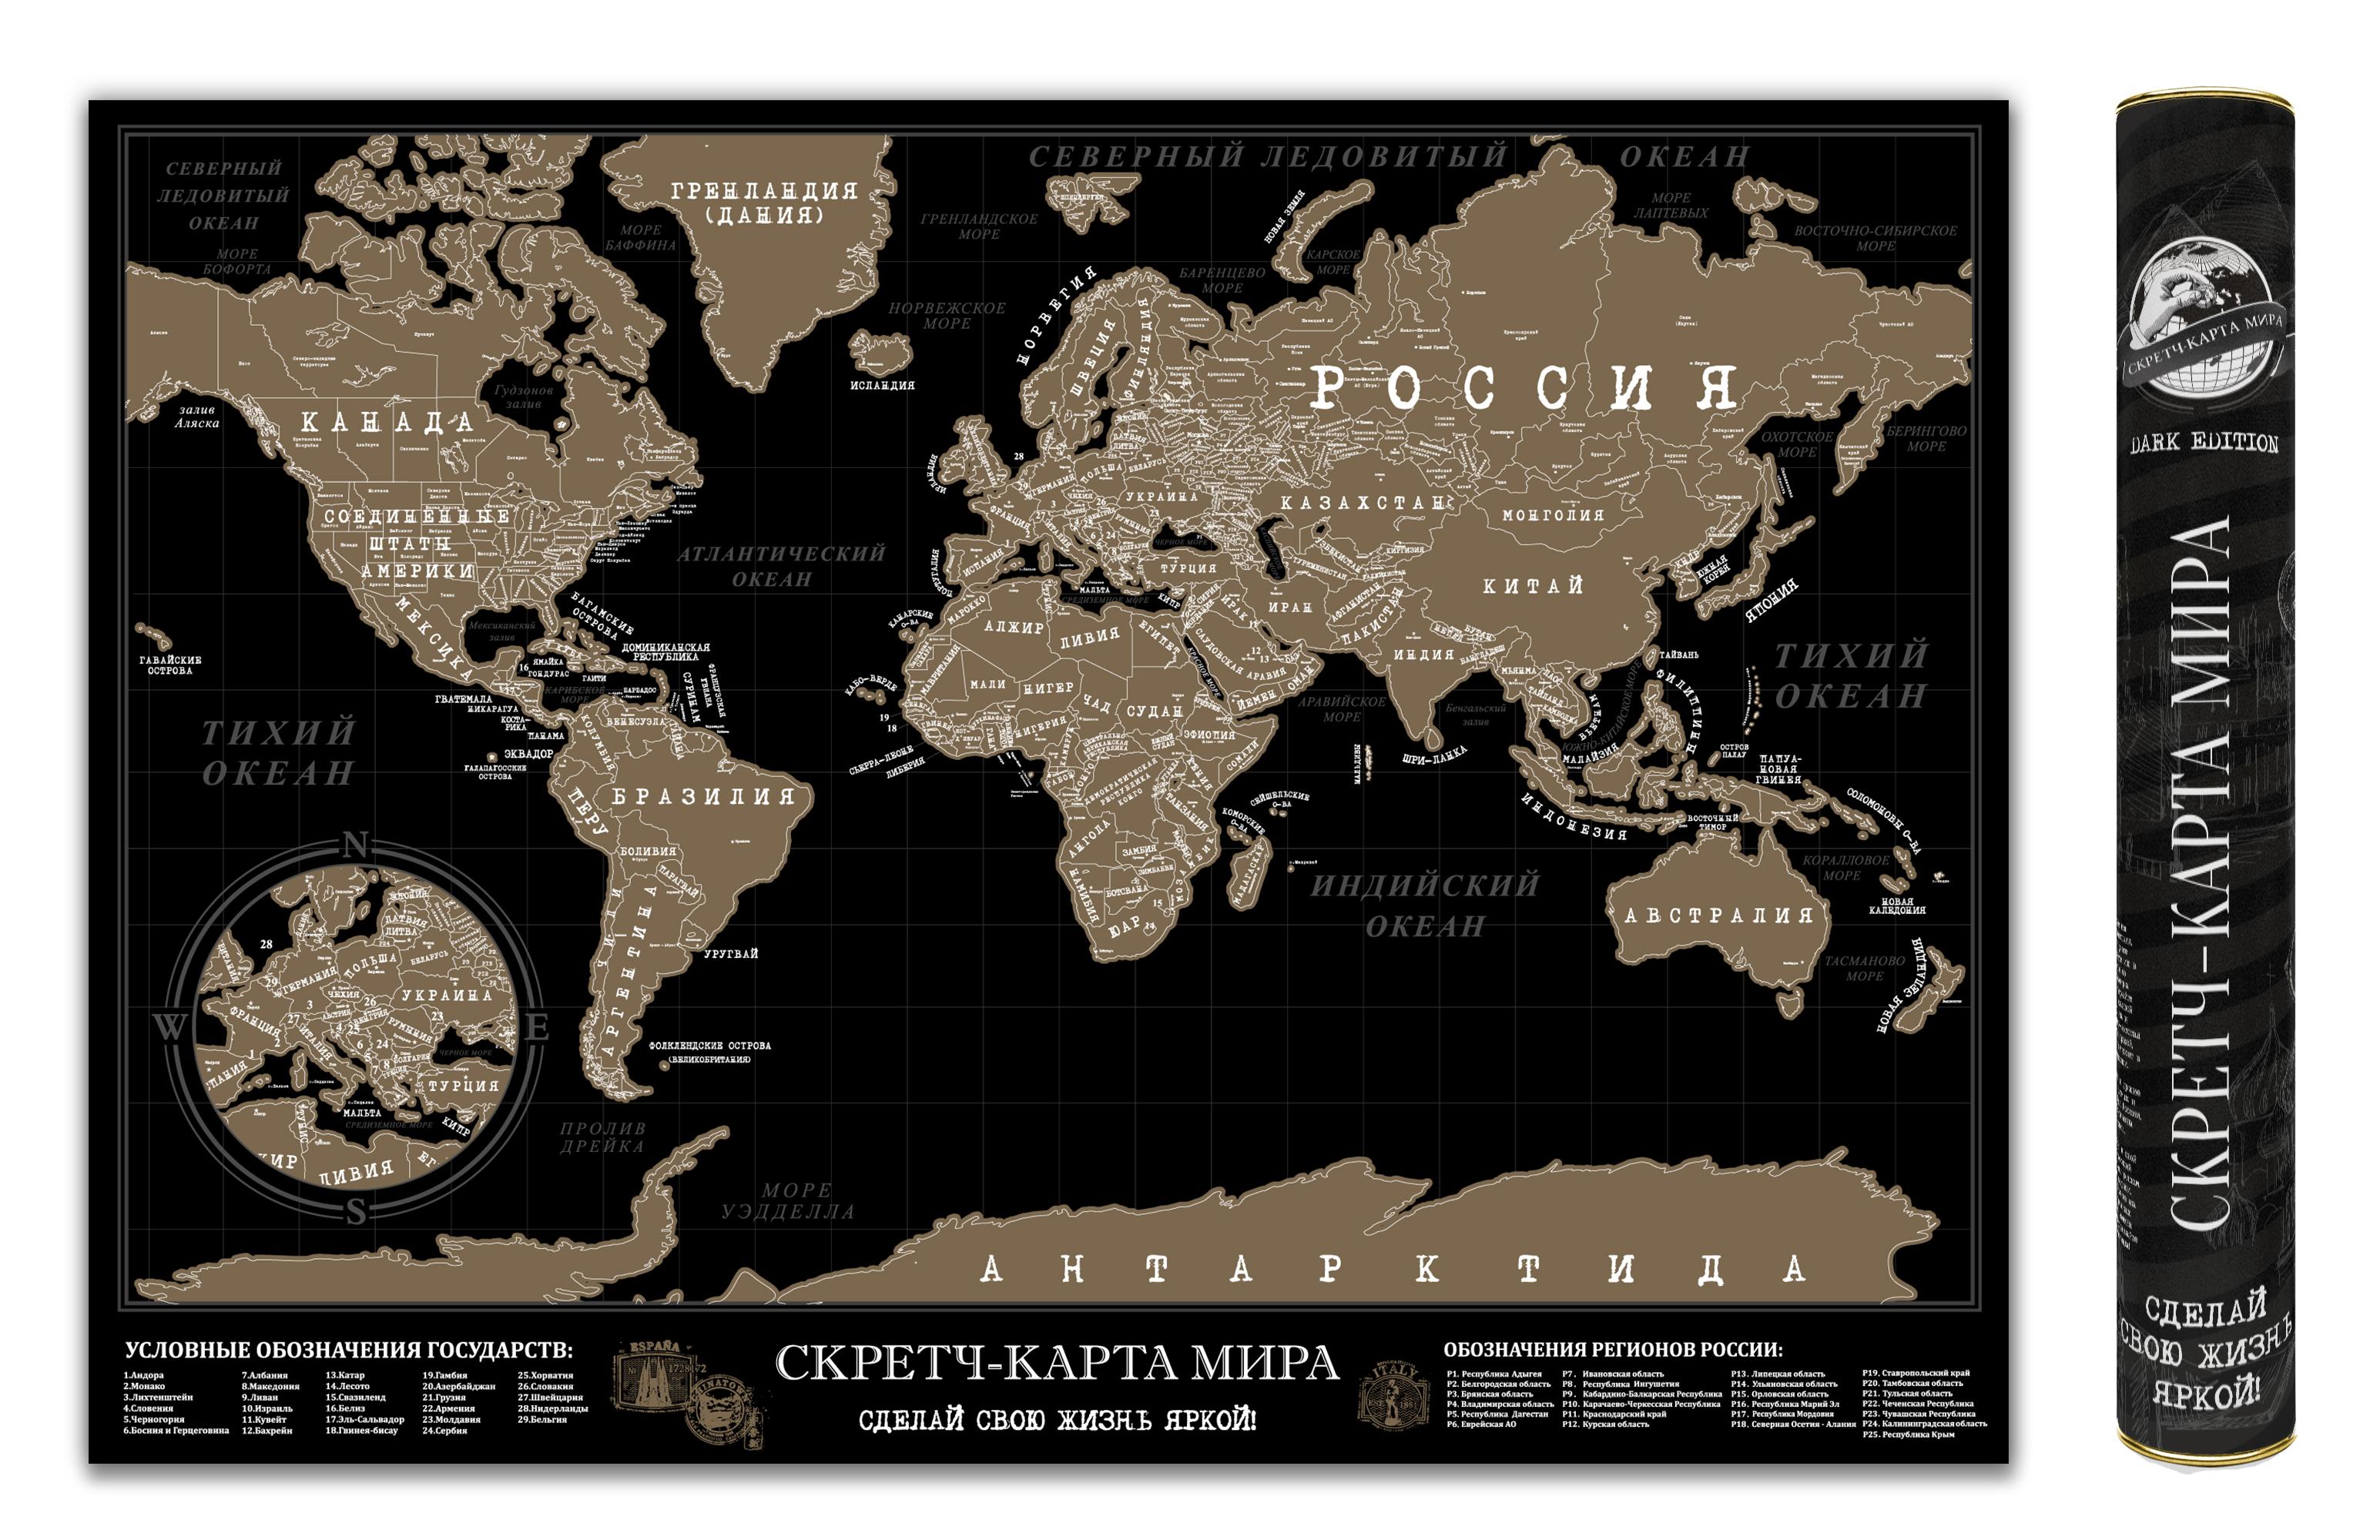 Как пользоваться скретч-картой мира